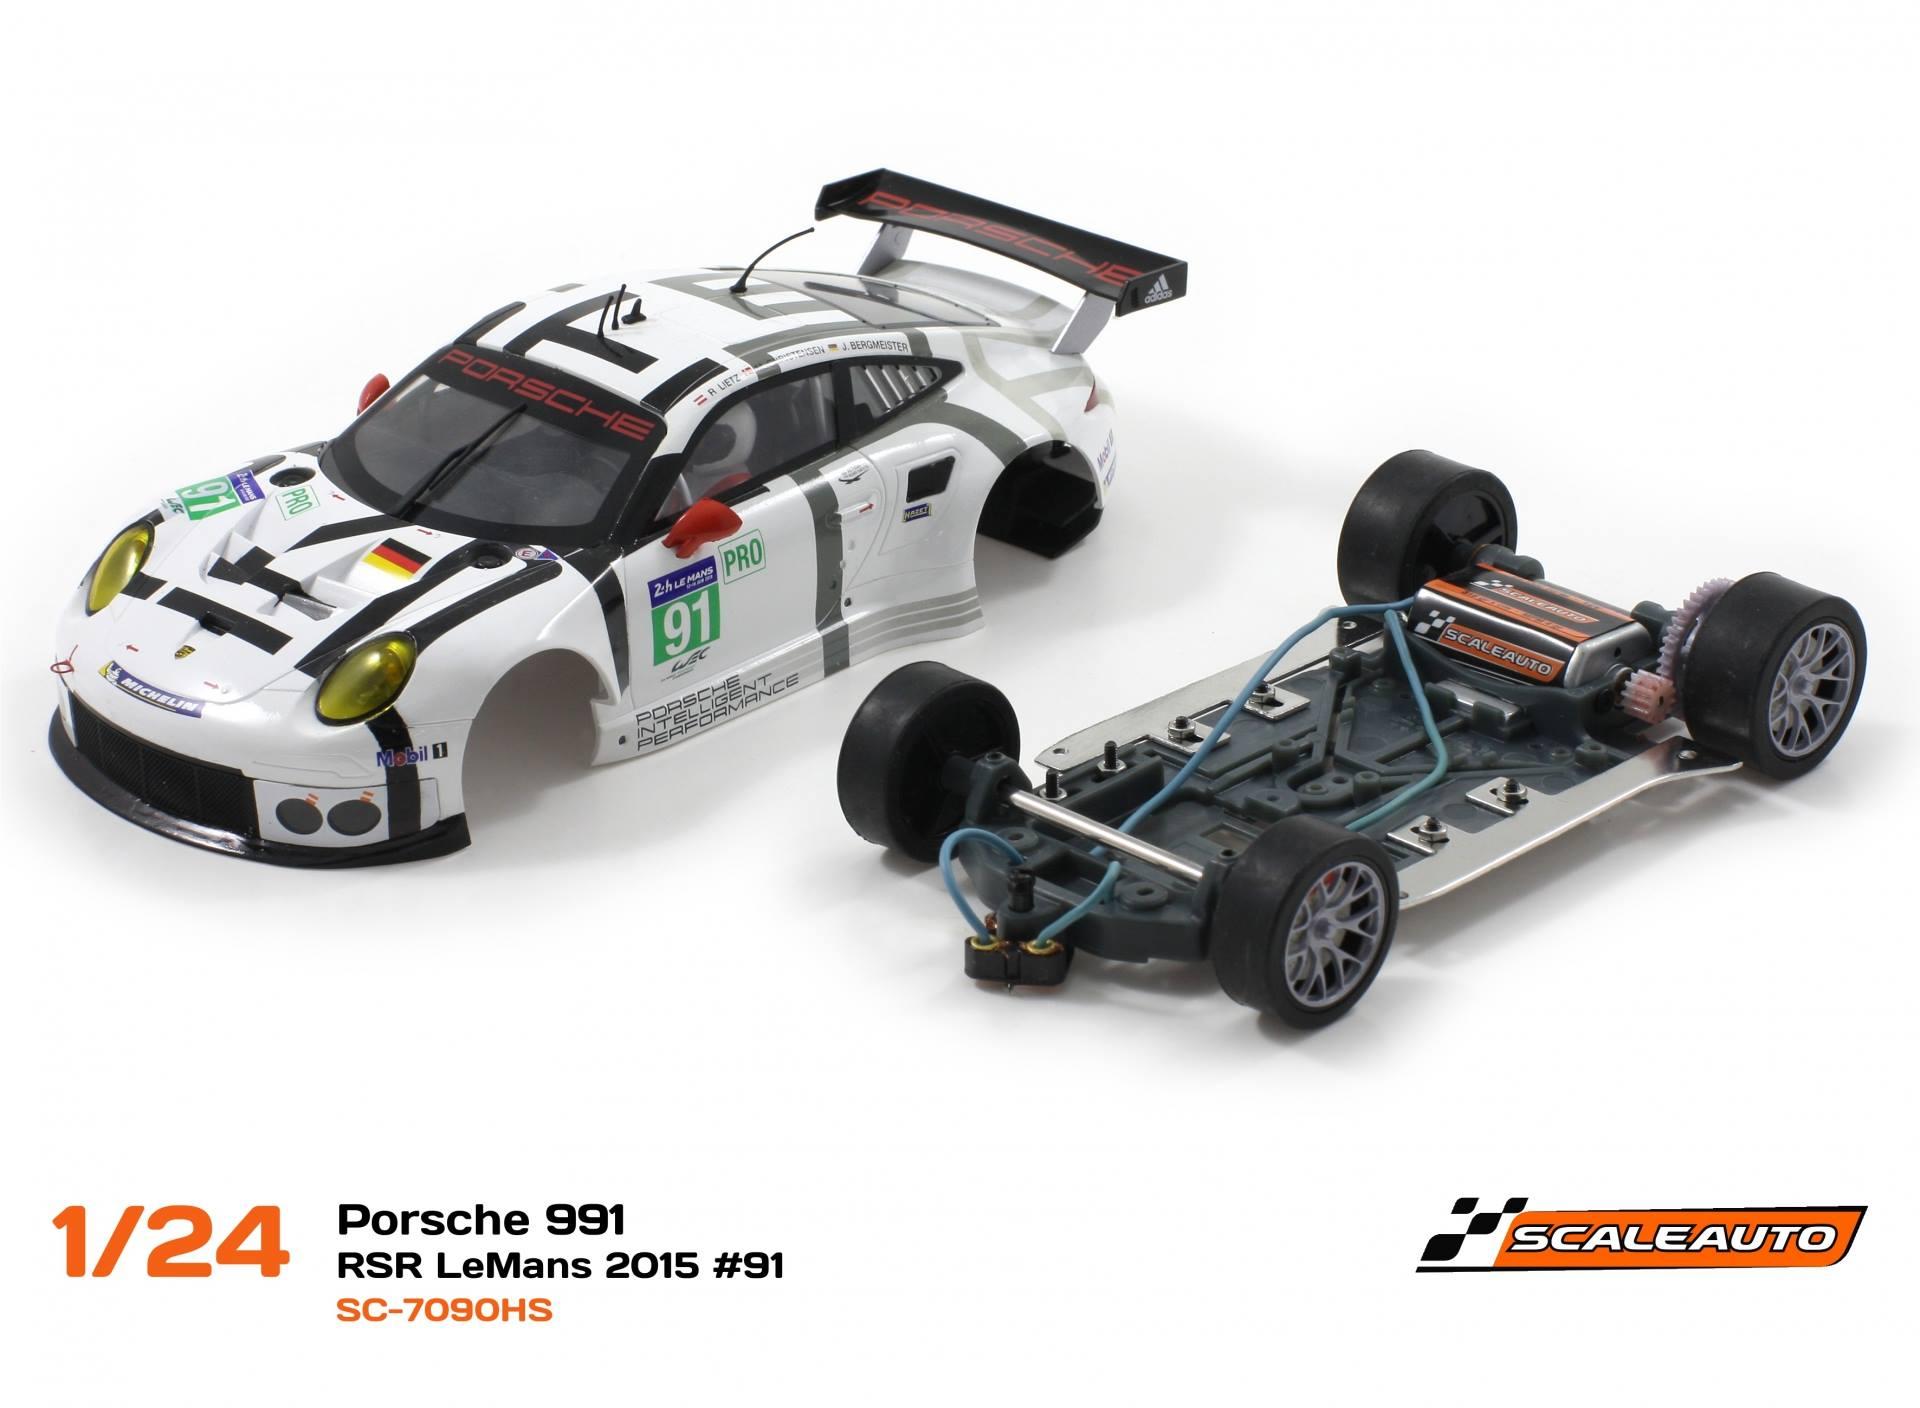 SC-7090HS Porsche 991 GT3 RSR 24h. LeMans 2015 # 91 avec le châssis HS124.